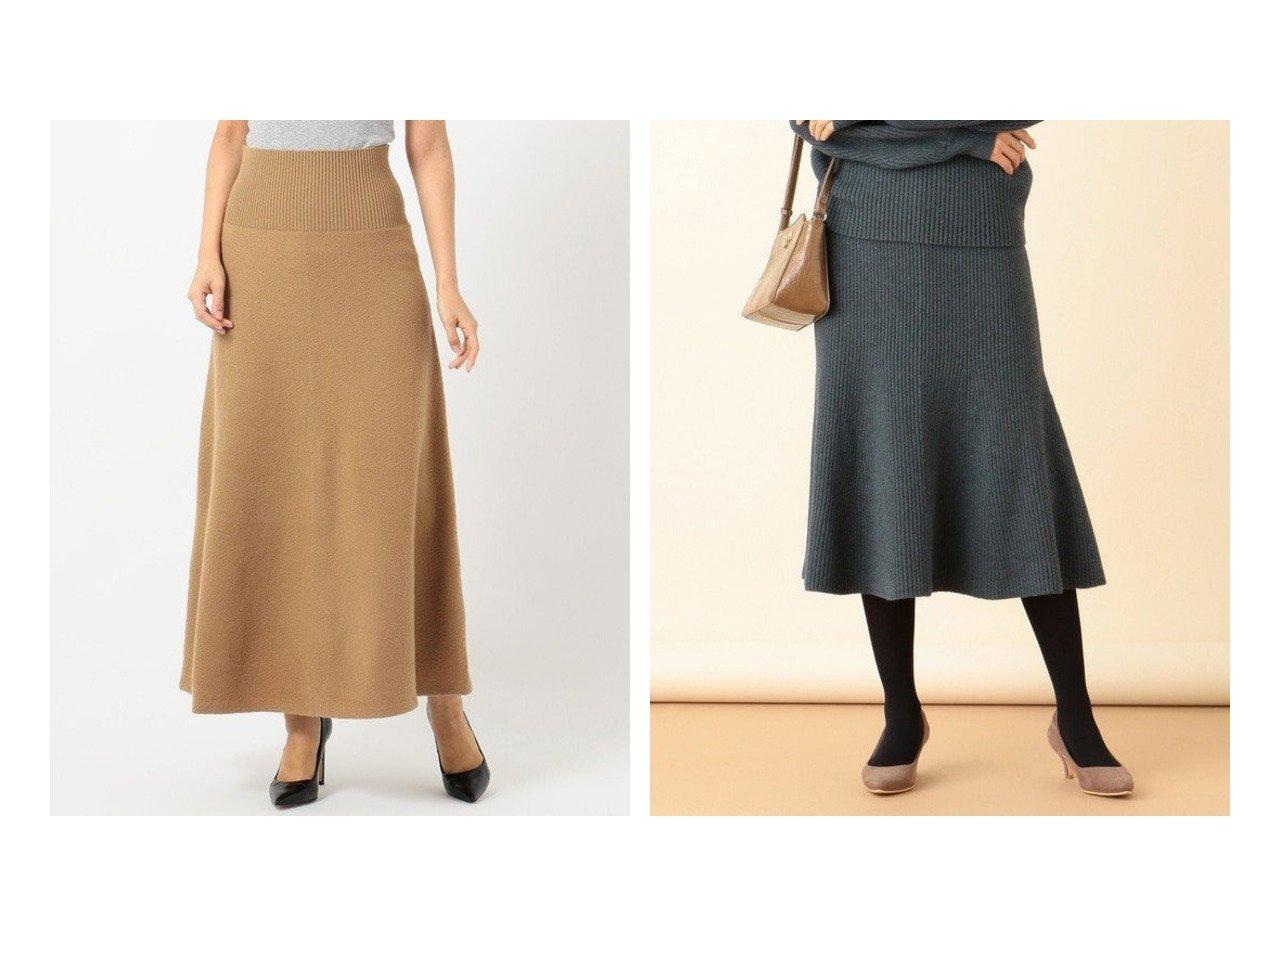 【iCB/アイシービー】のMilled Wool スカート&【any SiS/エニィ スィス】の【洗える】マーメイドニット スカート スカートのおすすめ!人気、トレンド・レディースファッションの通販  おすすめで人気の流行・トレンド、ファッションの通販商品 メンズファッション・キッズファッション・インテリア・家具・レディースファッション・服の通販 founy(ファニー) https://founy.com/ ファッション Fashion レディースファッション WOMEN スカート Skirt エレガント コンパクト ストール なめらか バランス パーカー フレア 冬 Winter 再入荷 Restock/Back in Stock/Re Arrival 送料無料 Free Shipping セットアップ ハイネック マーメイド 洗える |ID:crp329100000009756